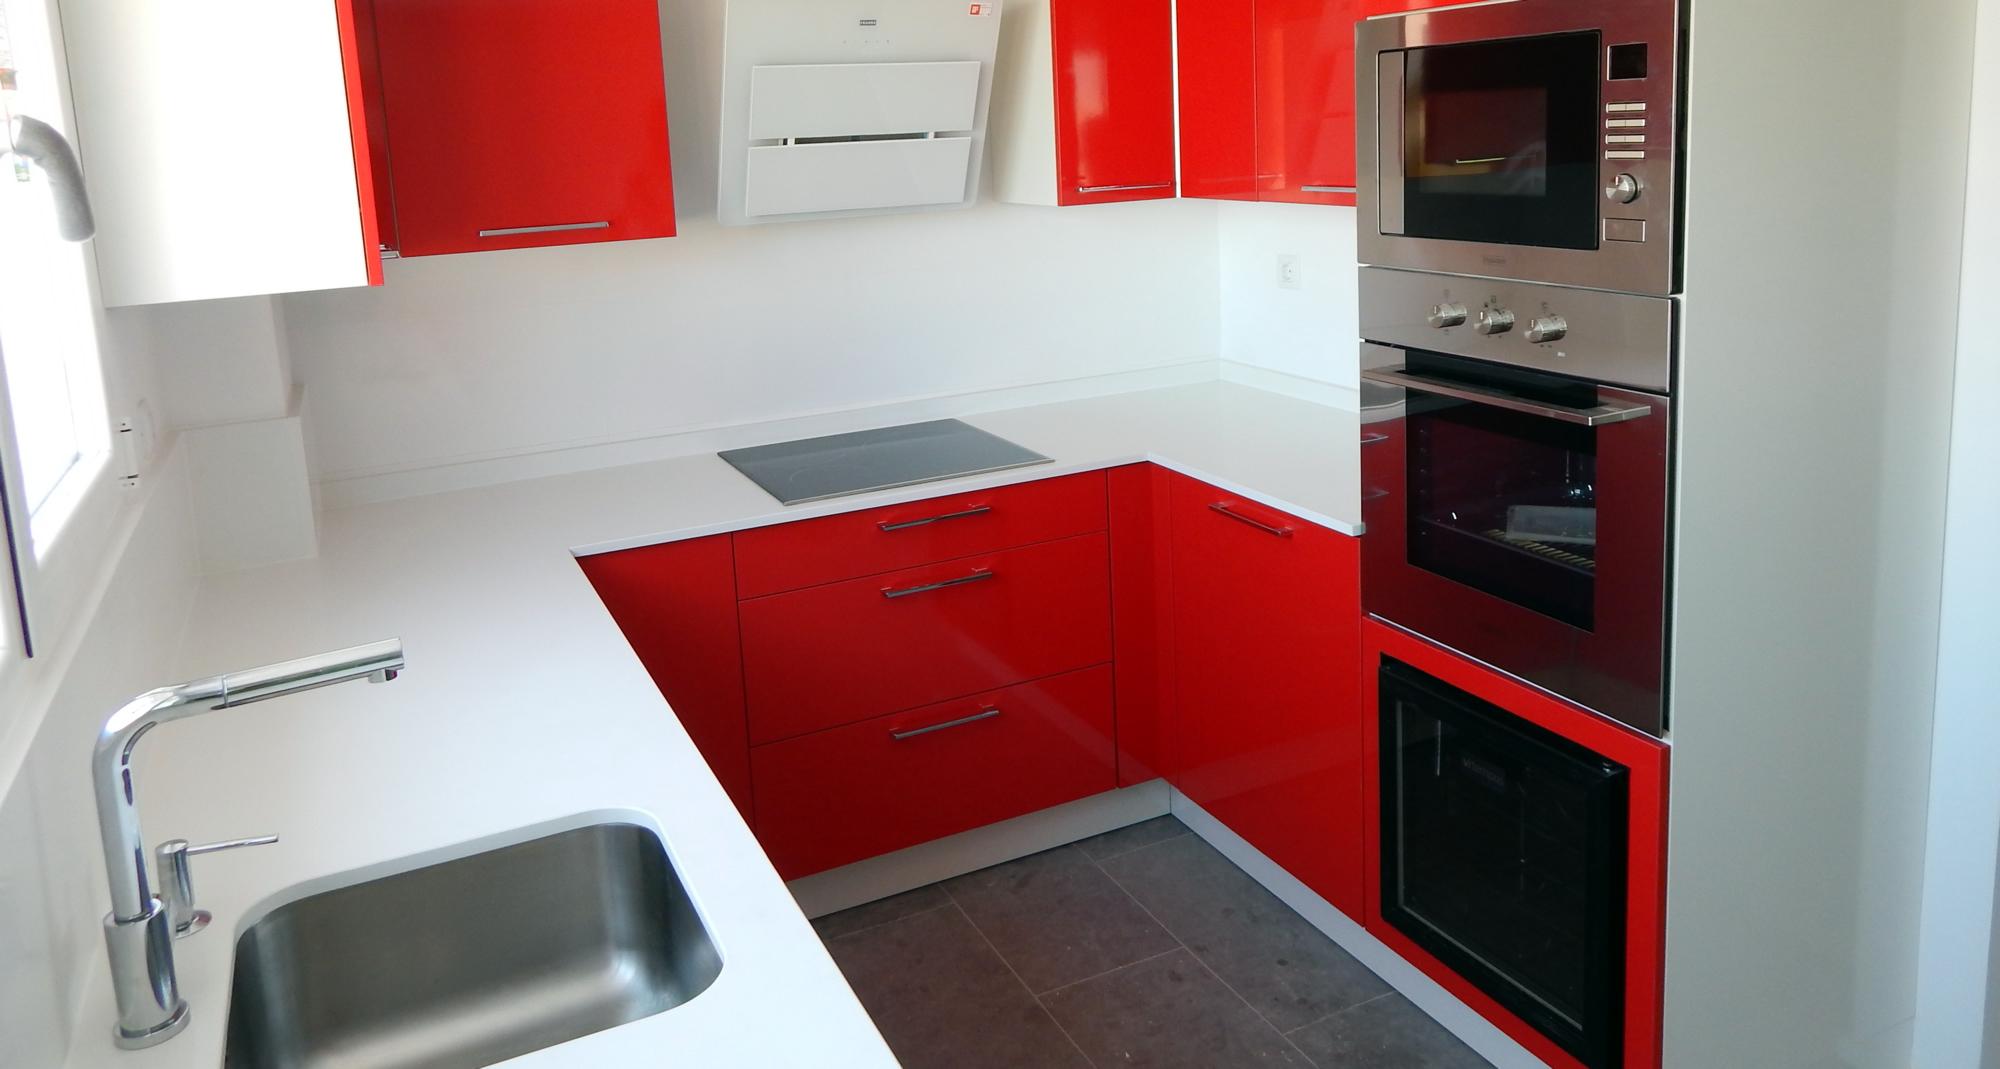 Muebles de cocina modelo neo en rojo for Color credence cocina blanca